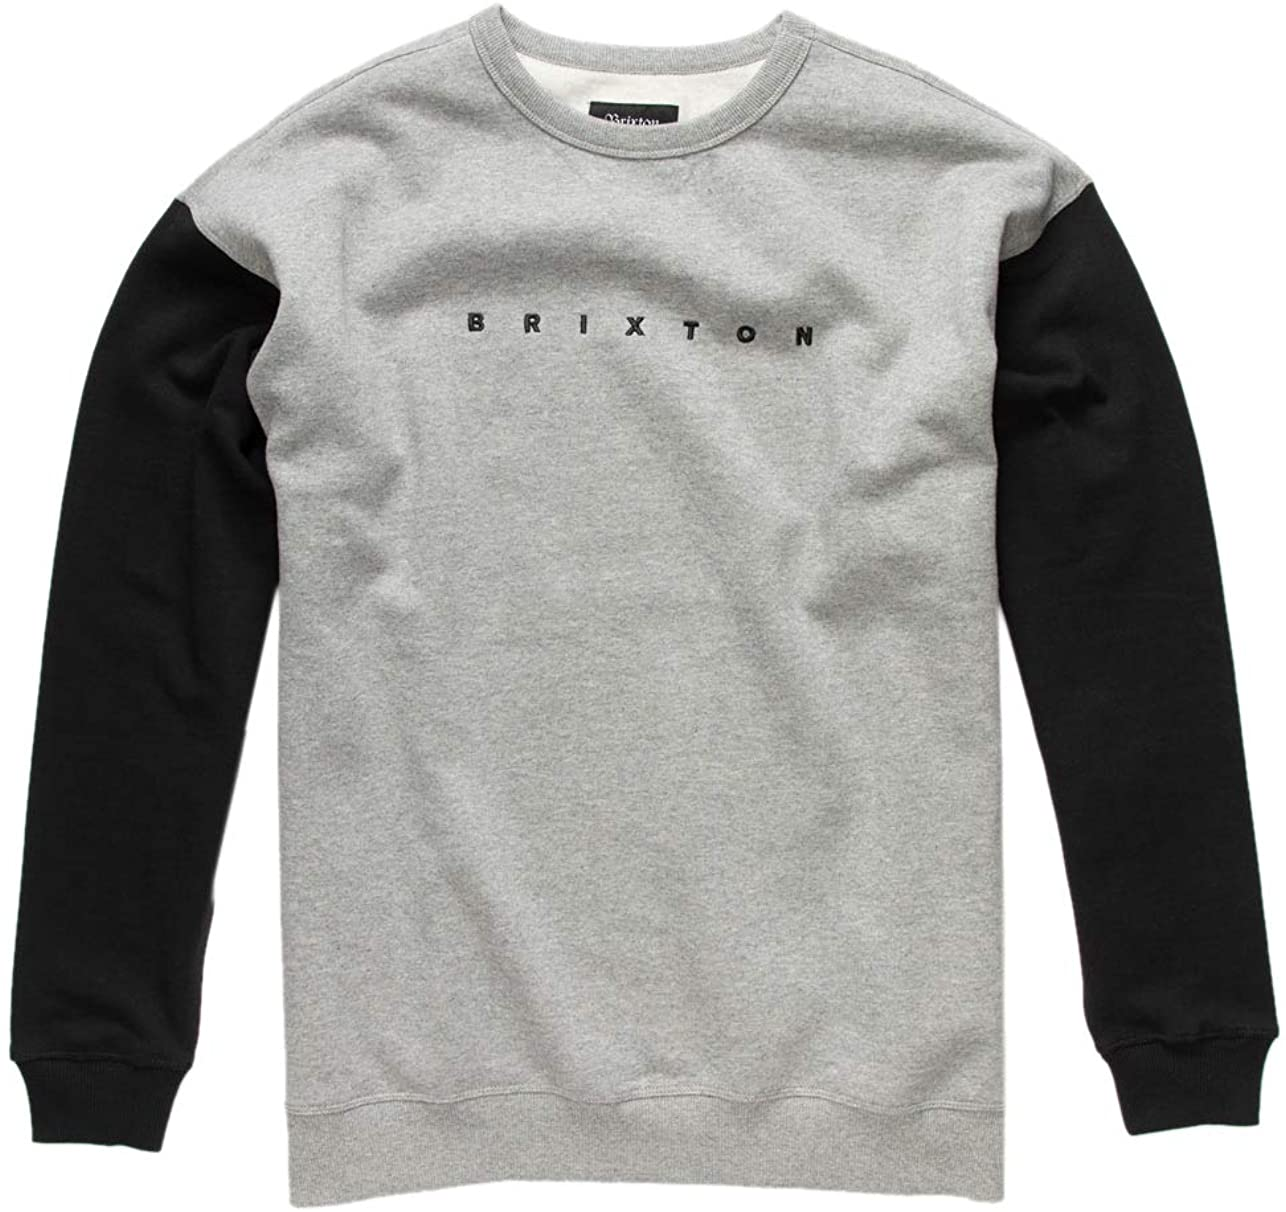 Brixton Cantor Crew Sweatshirt - Men's